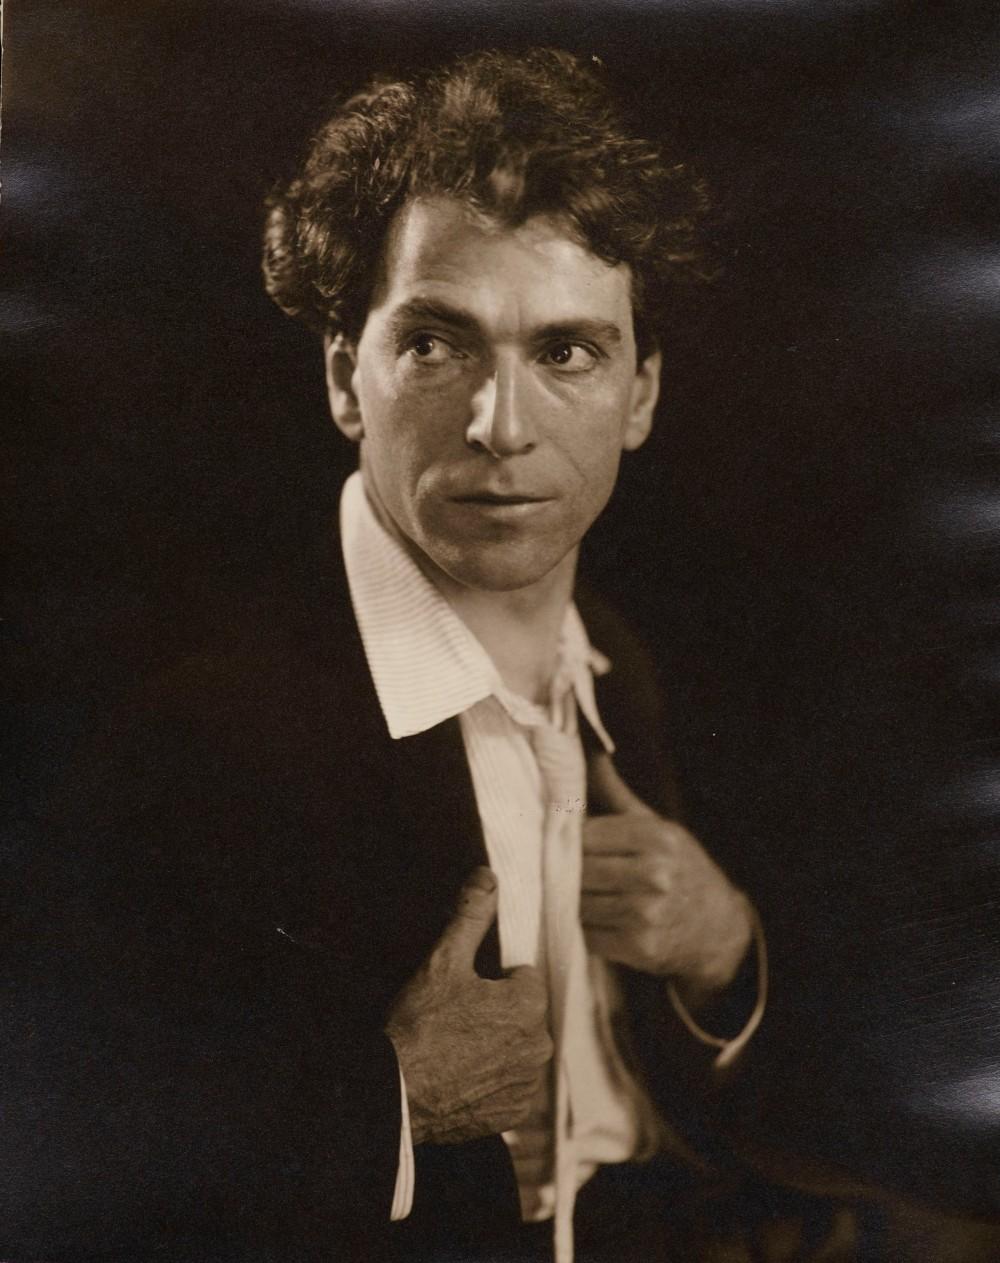 2. Autoportrait